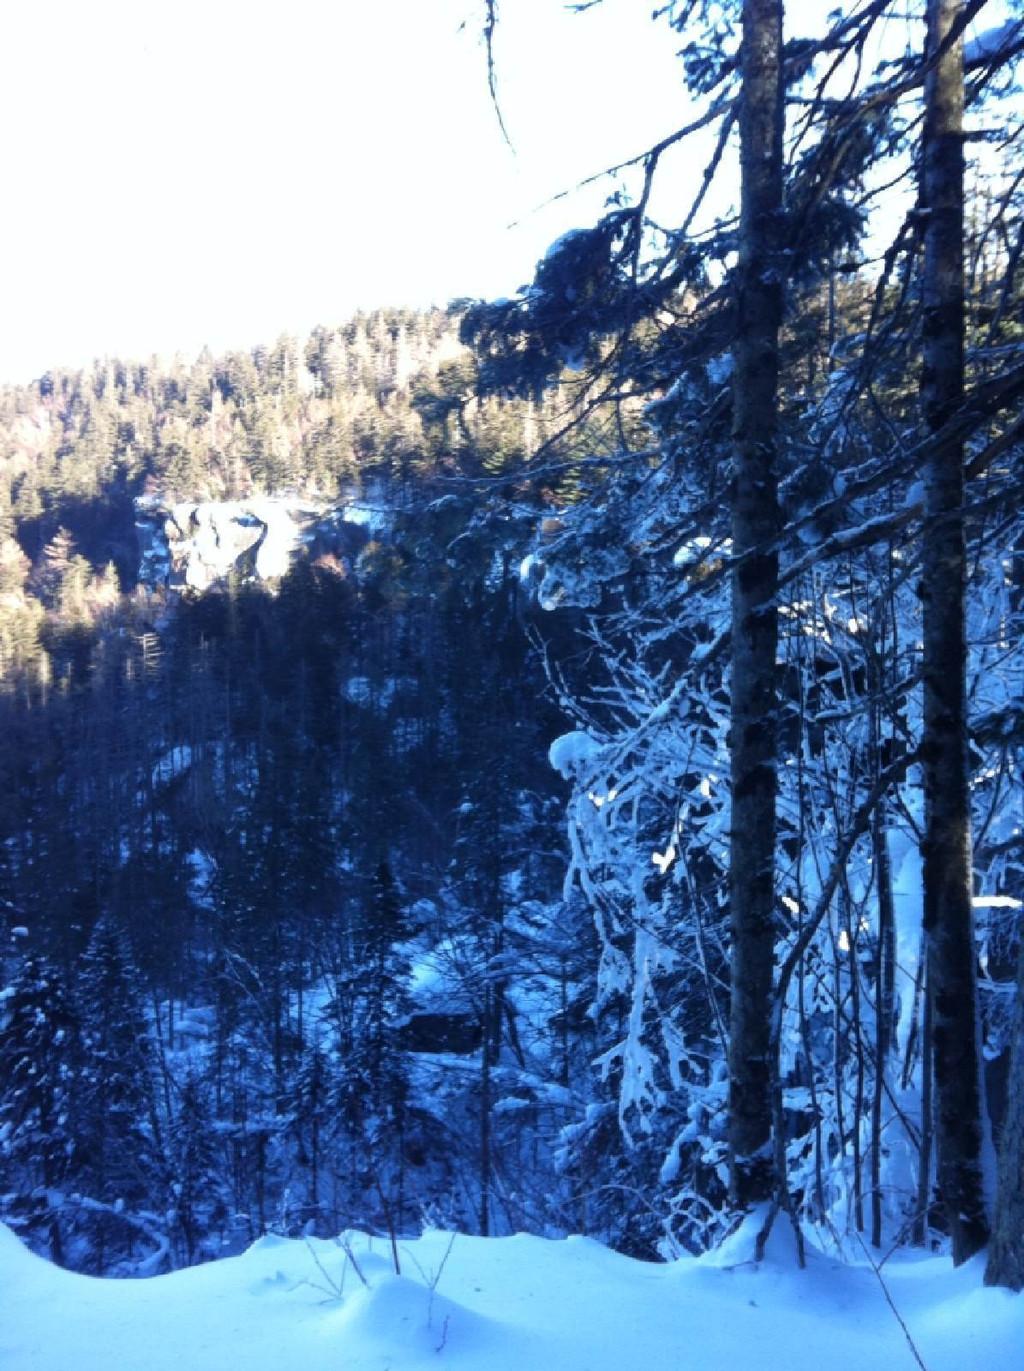 长白山-冬季的天池,虽然是冰冻的一块巨的冰块,但其雄壮之美丝毫未减